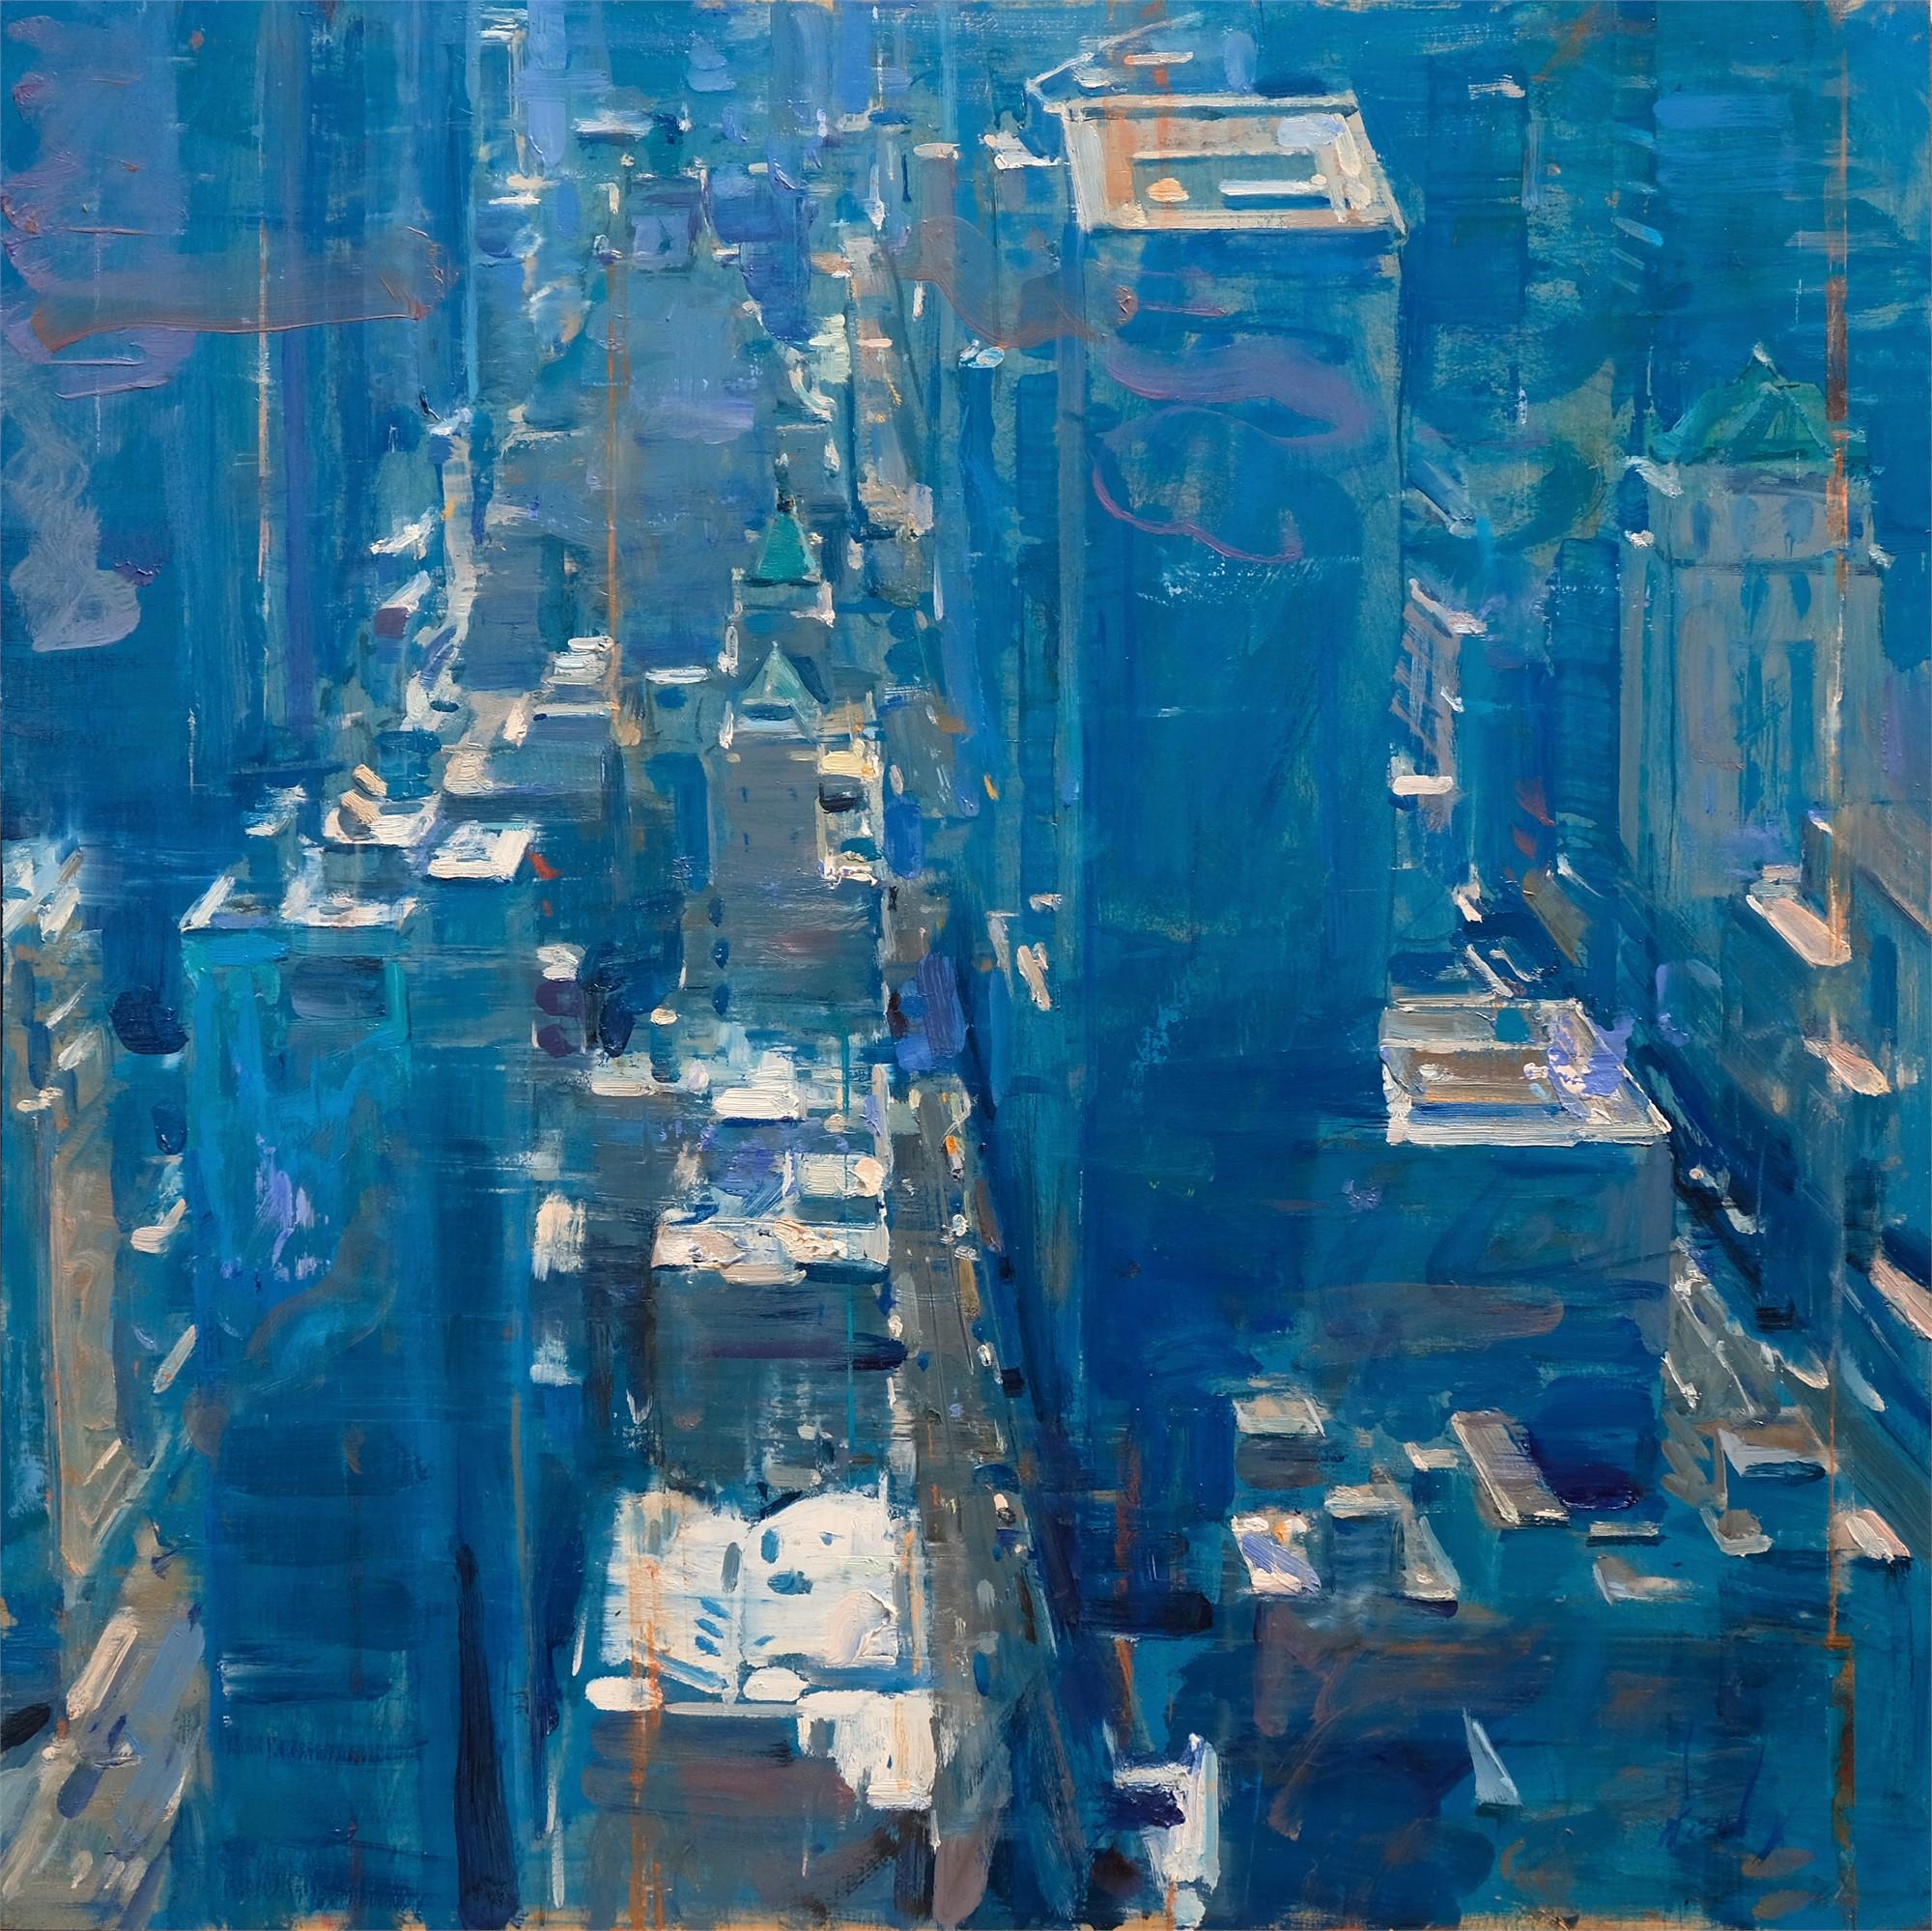 Manhattan VI by Derek Penix